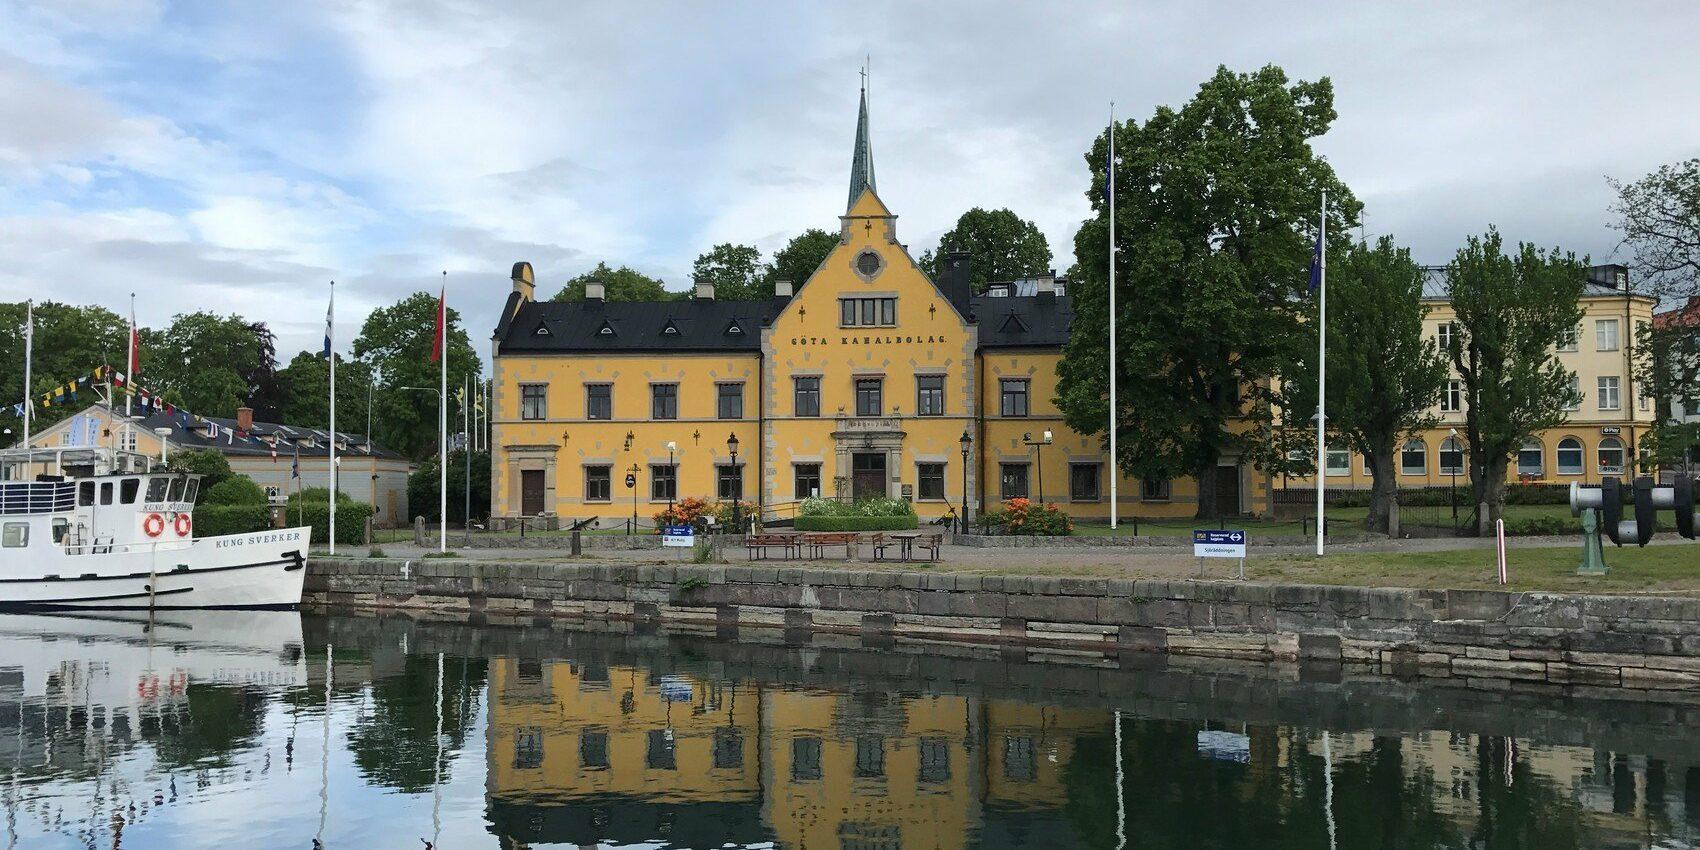 Spegelblankt vatten. På andra sidan vattnet ser man en stor och pampig gul byggnad.